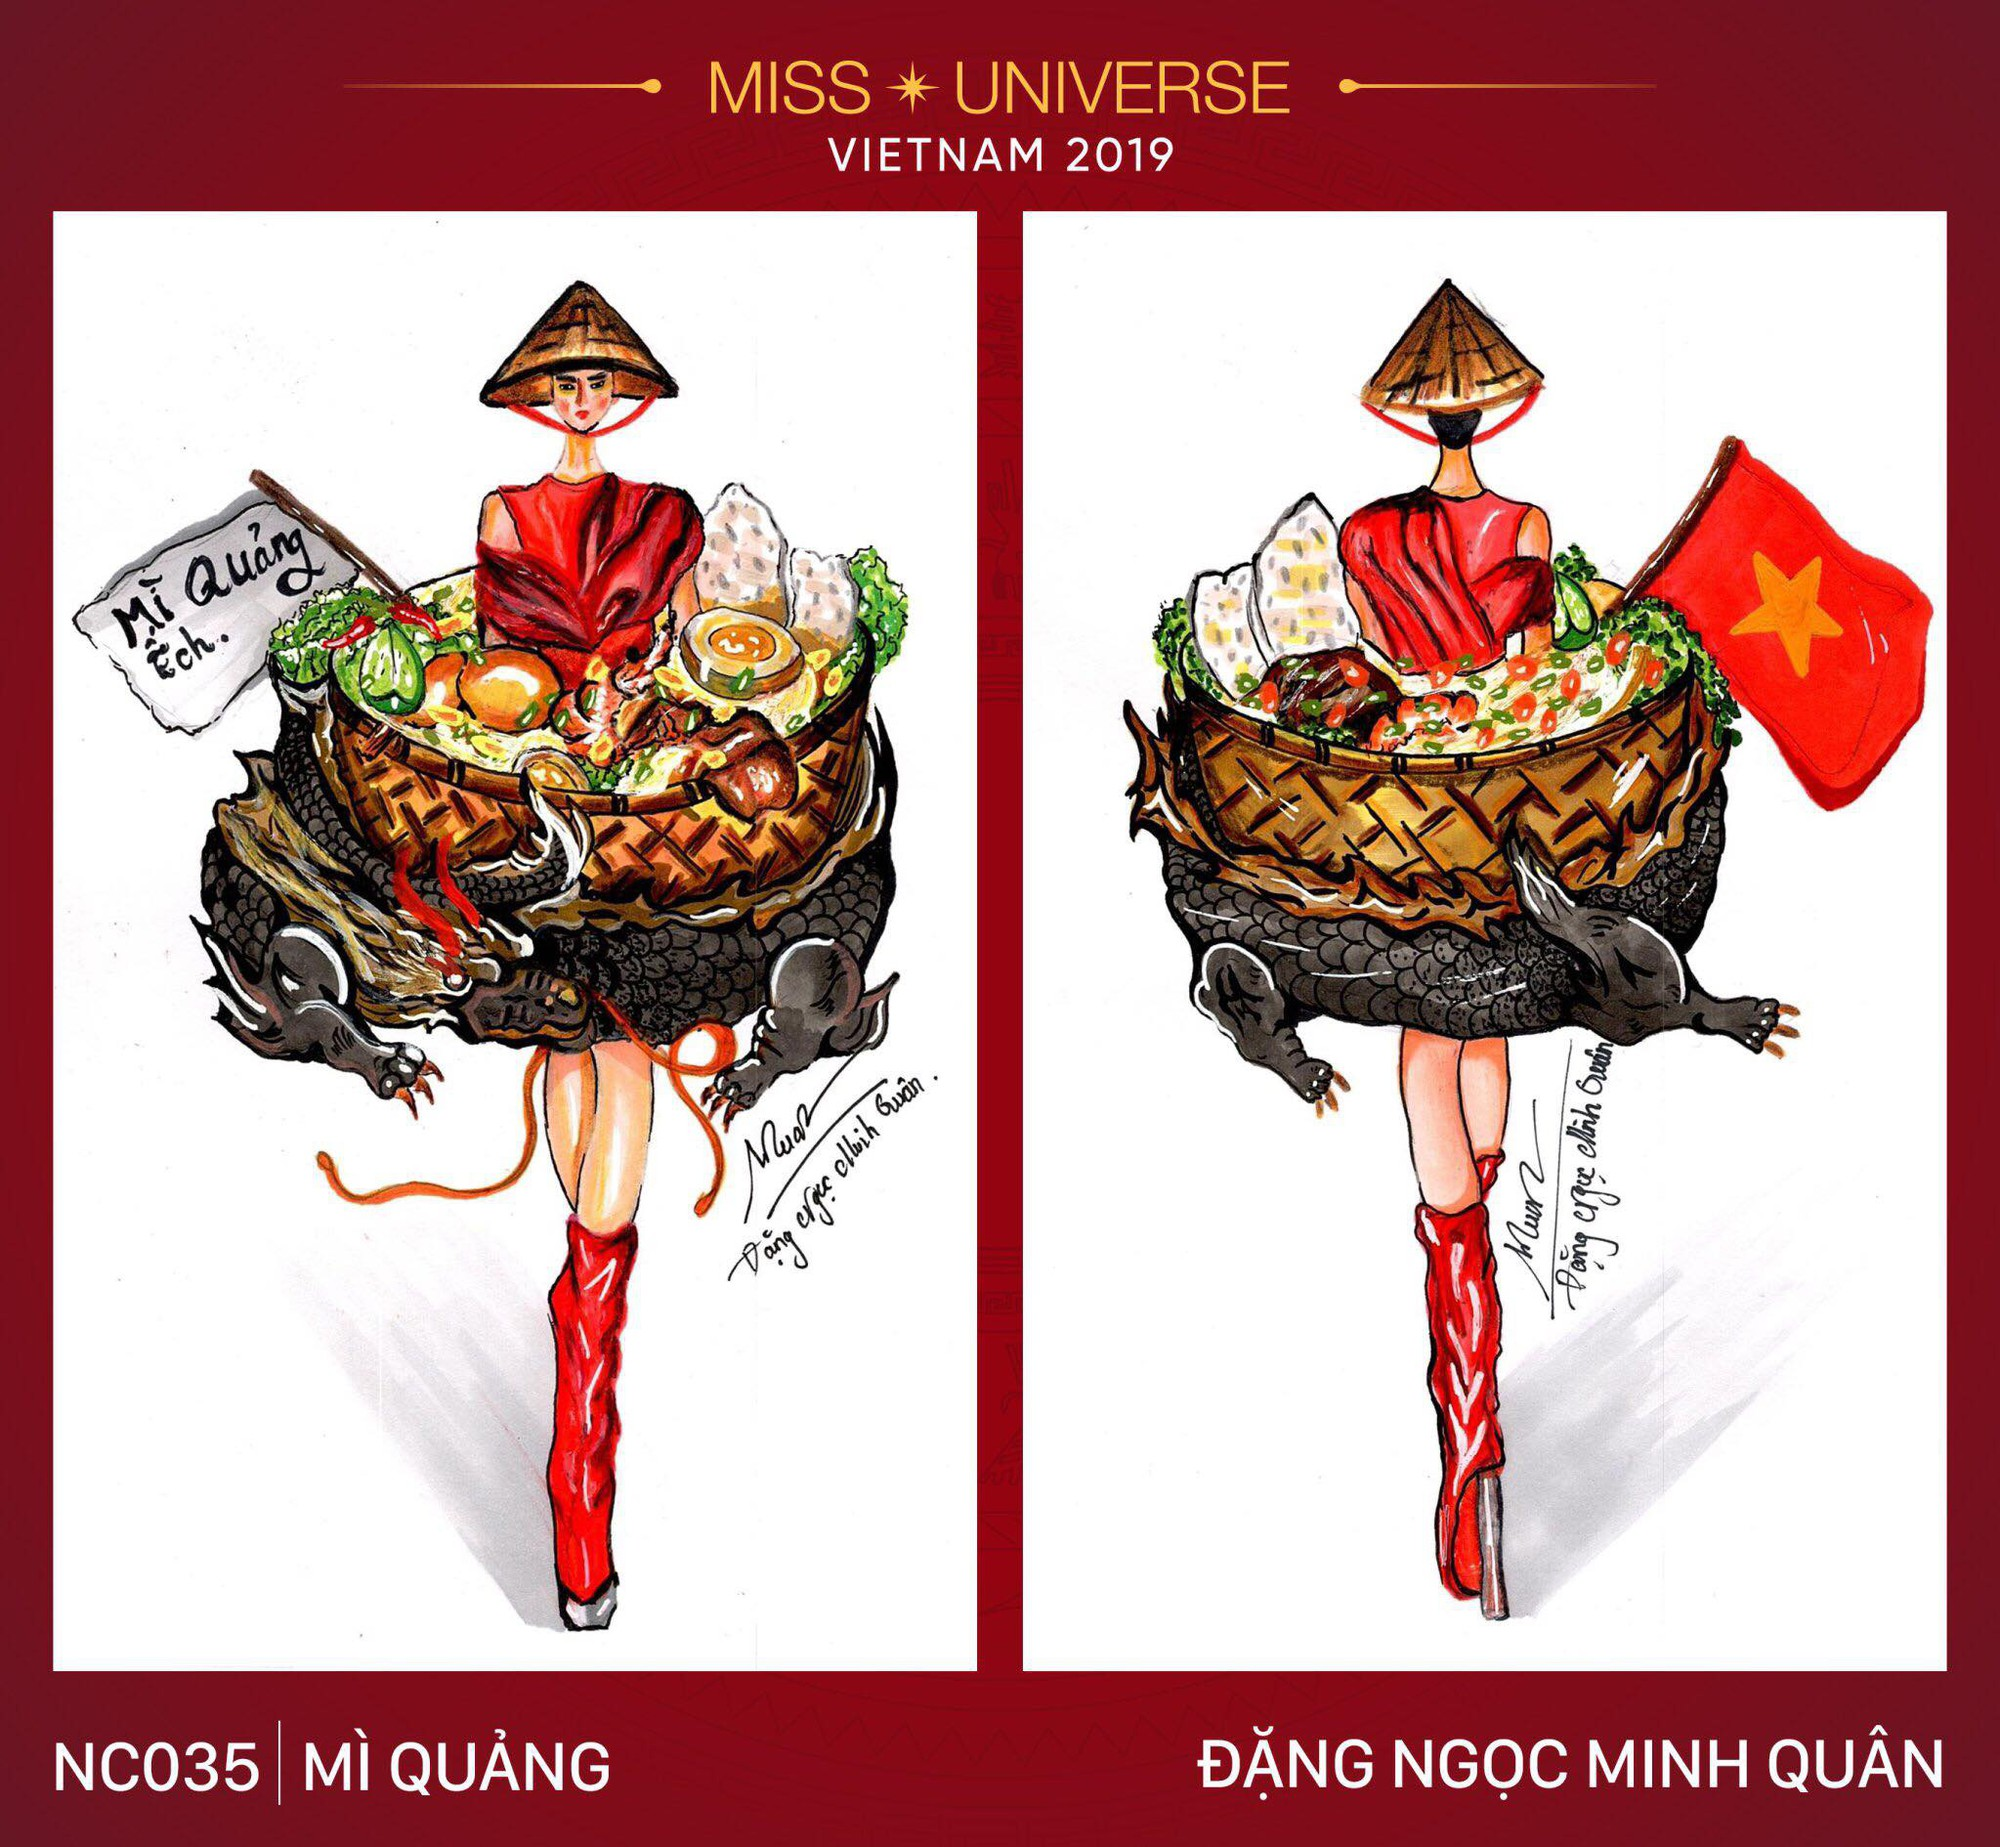 Sau bộ trang phục bánh mì quốc dân của H'Hen Niê, liệu tân hoa hậu Hoàng Thuỳ có cơ hội diện cà phê sữa và mì quảng lên sân khấu? - Ảnh 4.